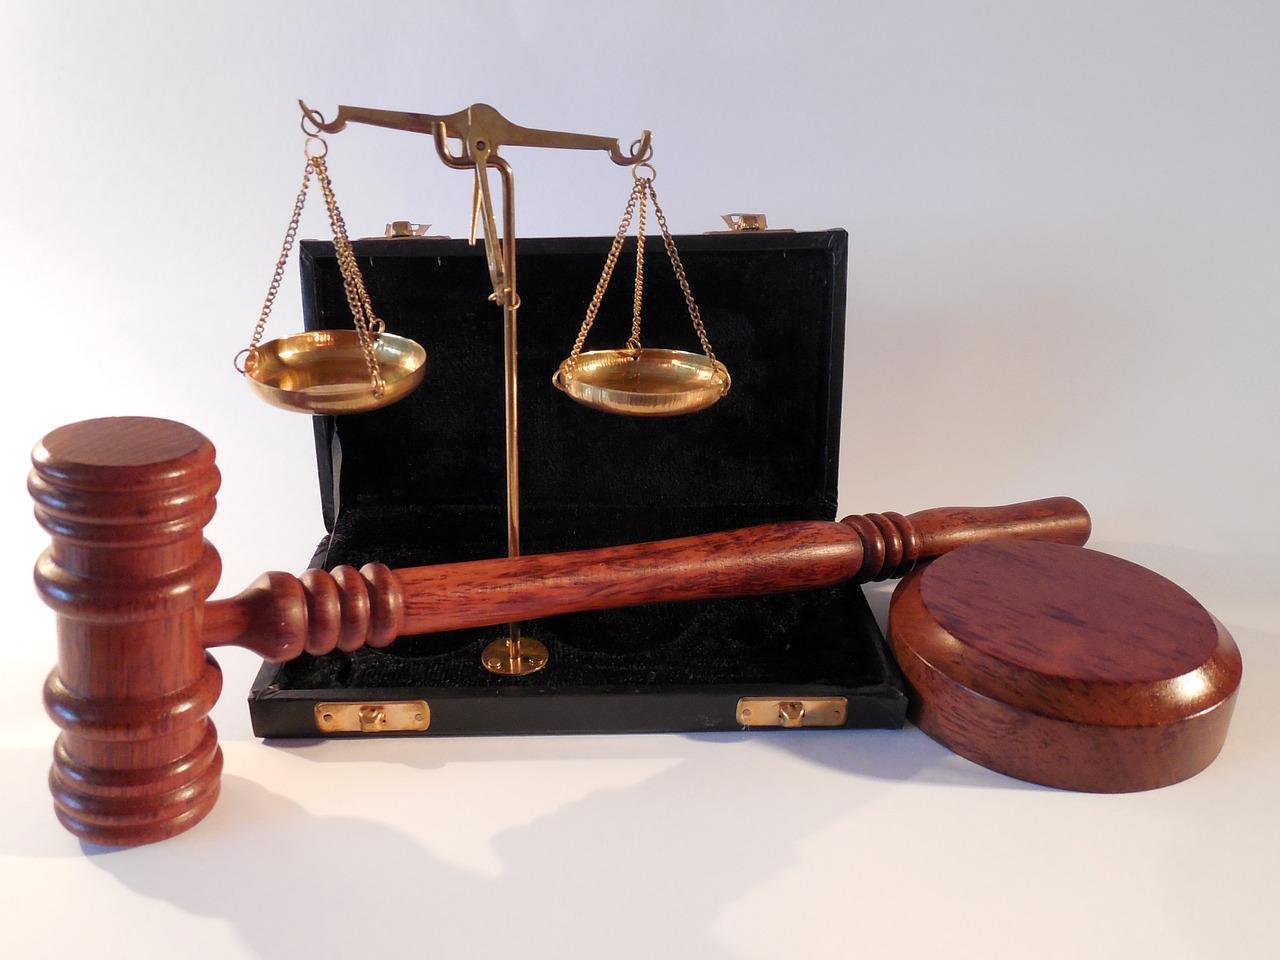 Ehemaliger Awo-Manager Olijnyk wurde verurteilt